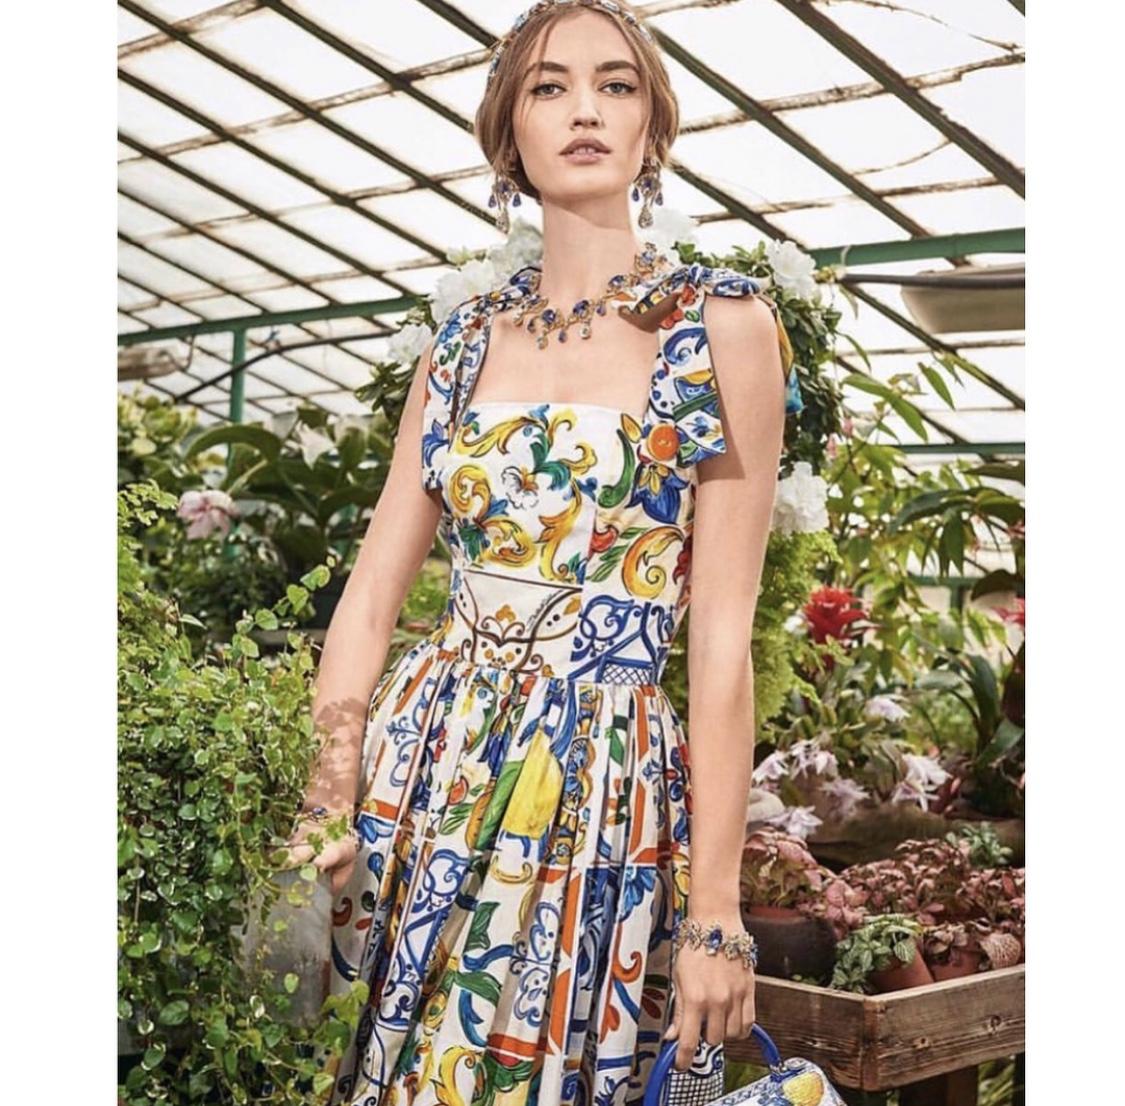 Dolce and Gabbana Dresses,dolce gabbana dress,dolce and gabbana dress,dolce gabbana dress,dolce and gabbana dress,dolce and gabbana dress,